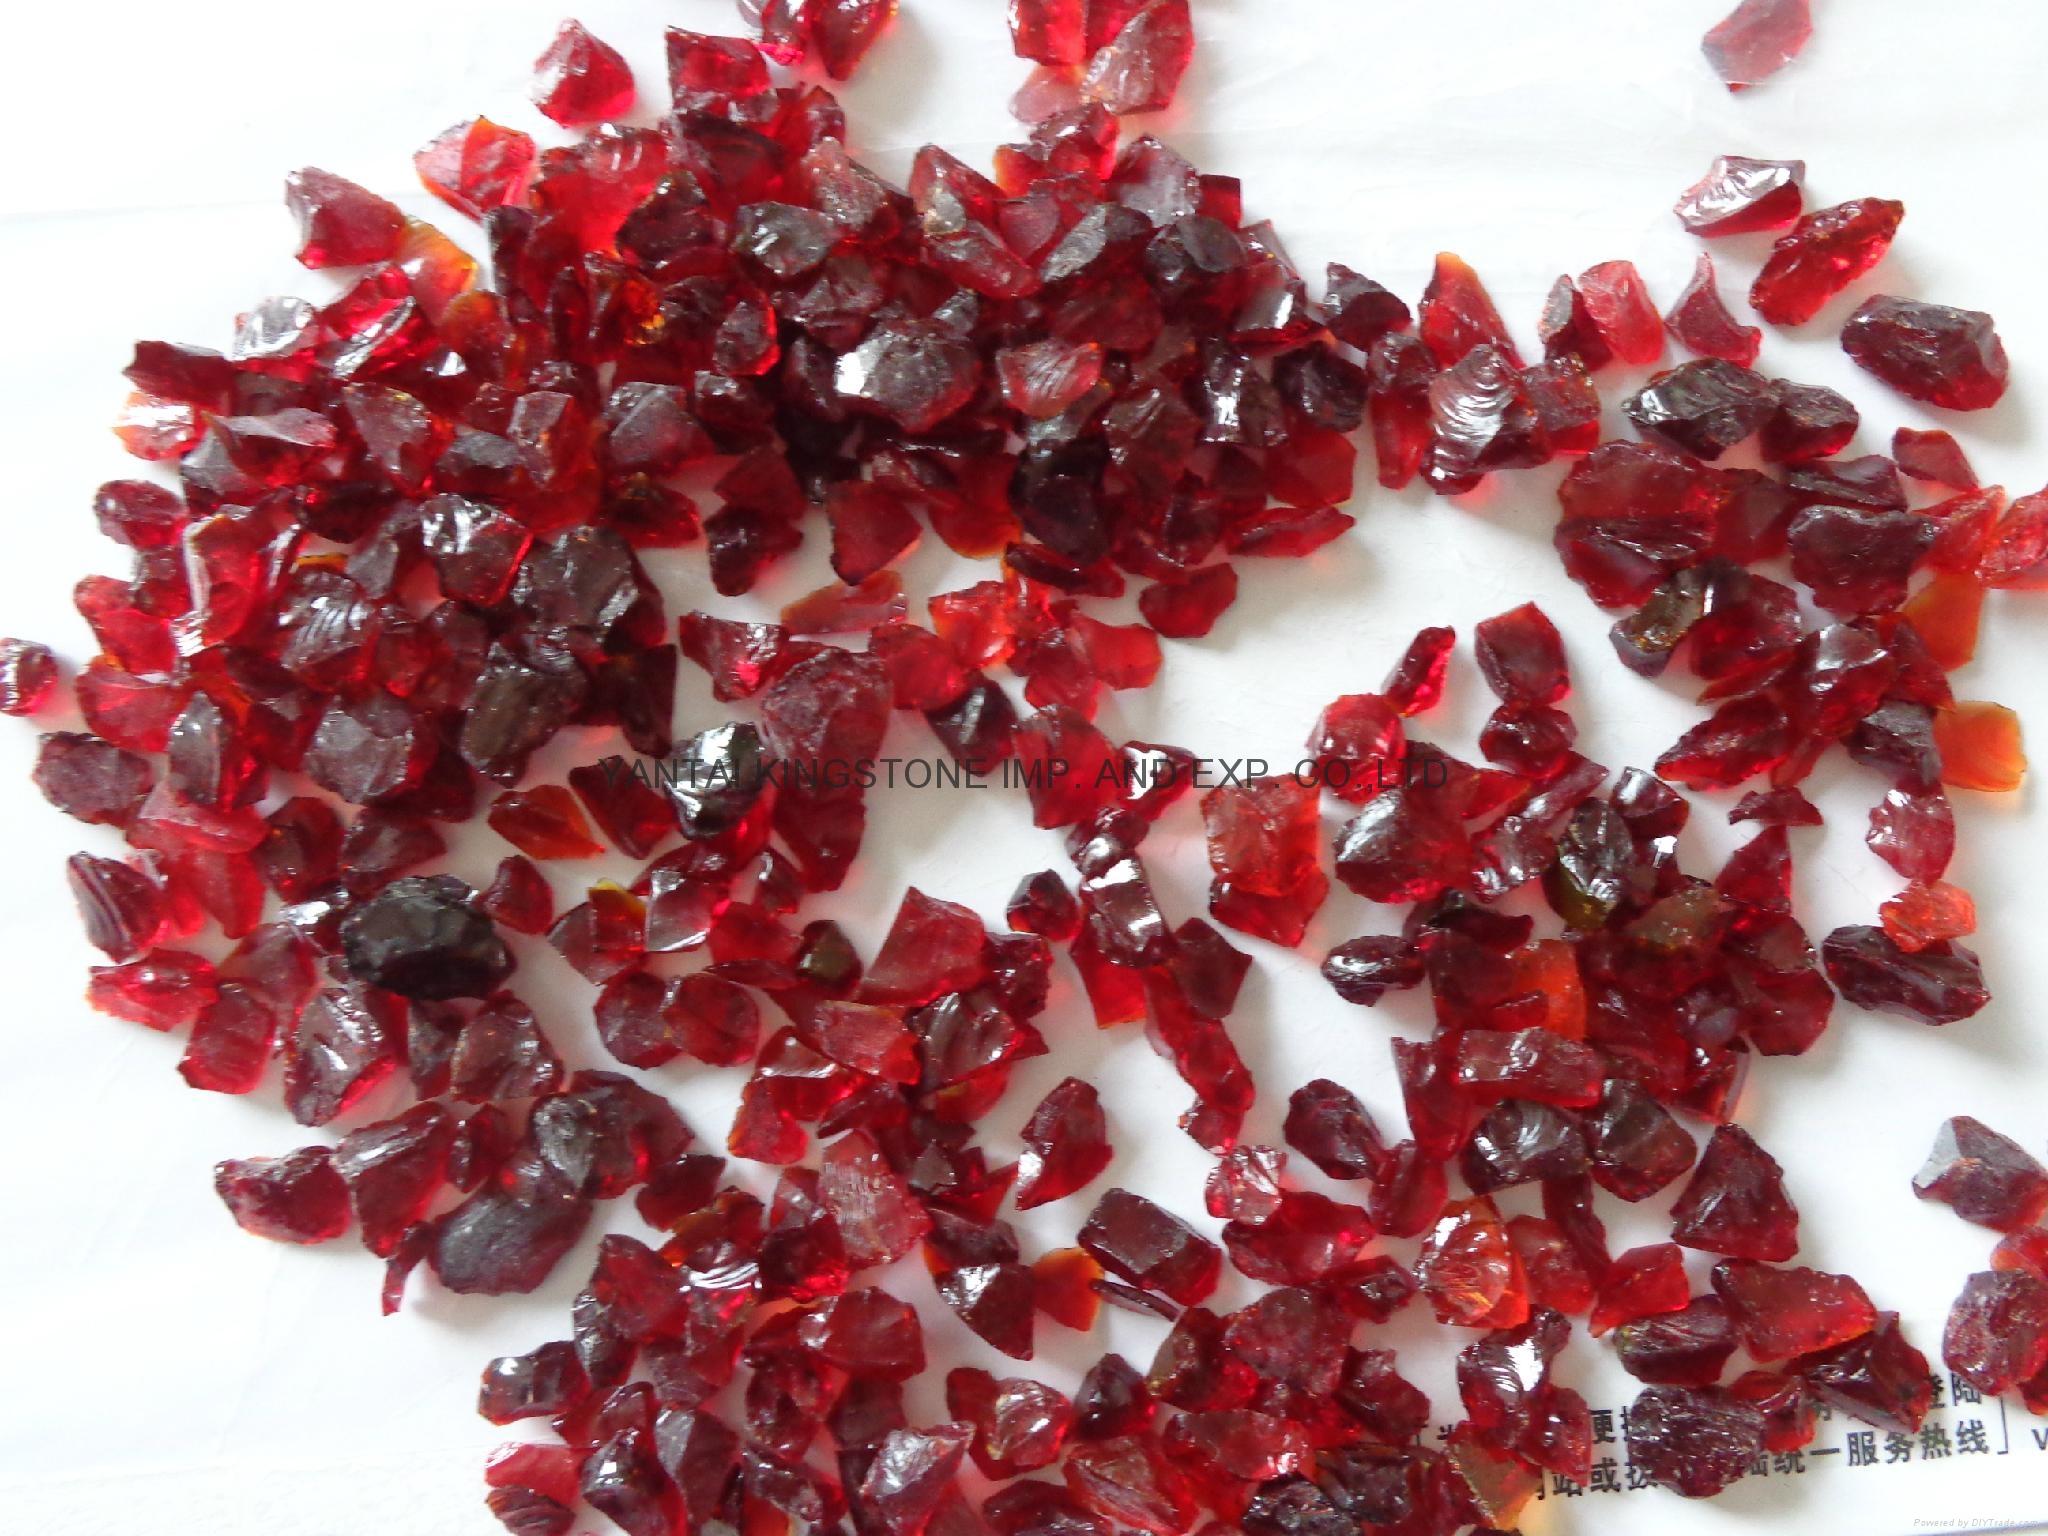 紅色玻璃砂 5